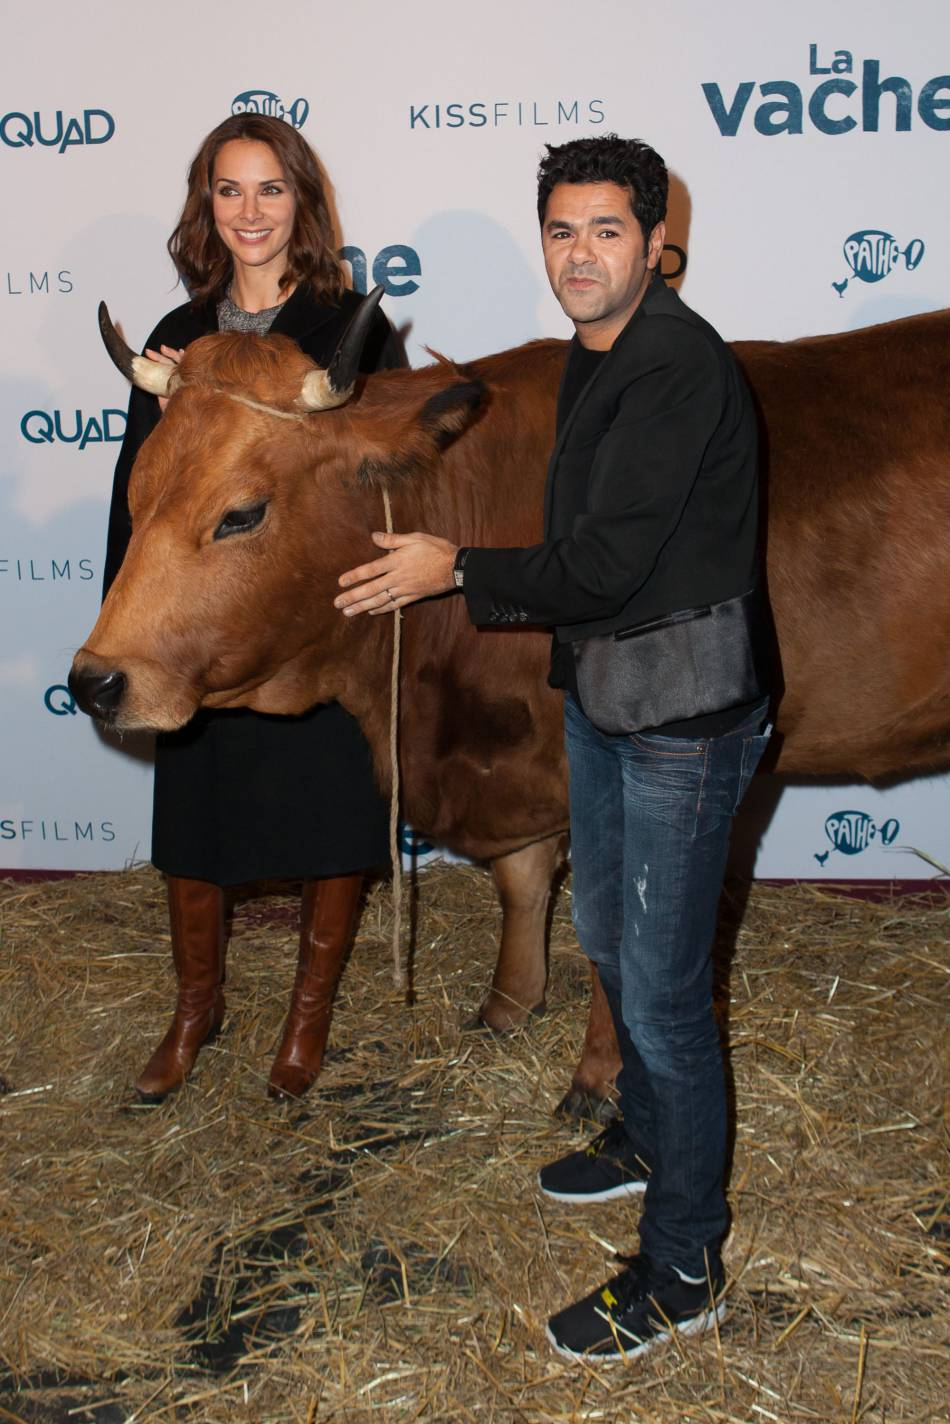 MélissaTheuriau aux côtés de Jamel Debbouze et de Jacqueline la vache.